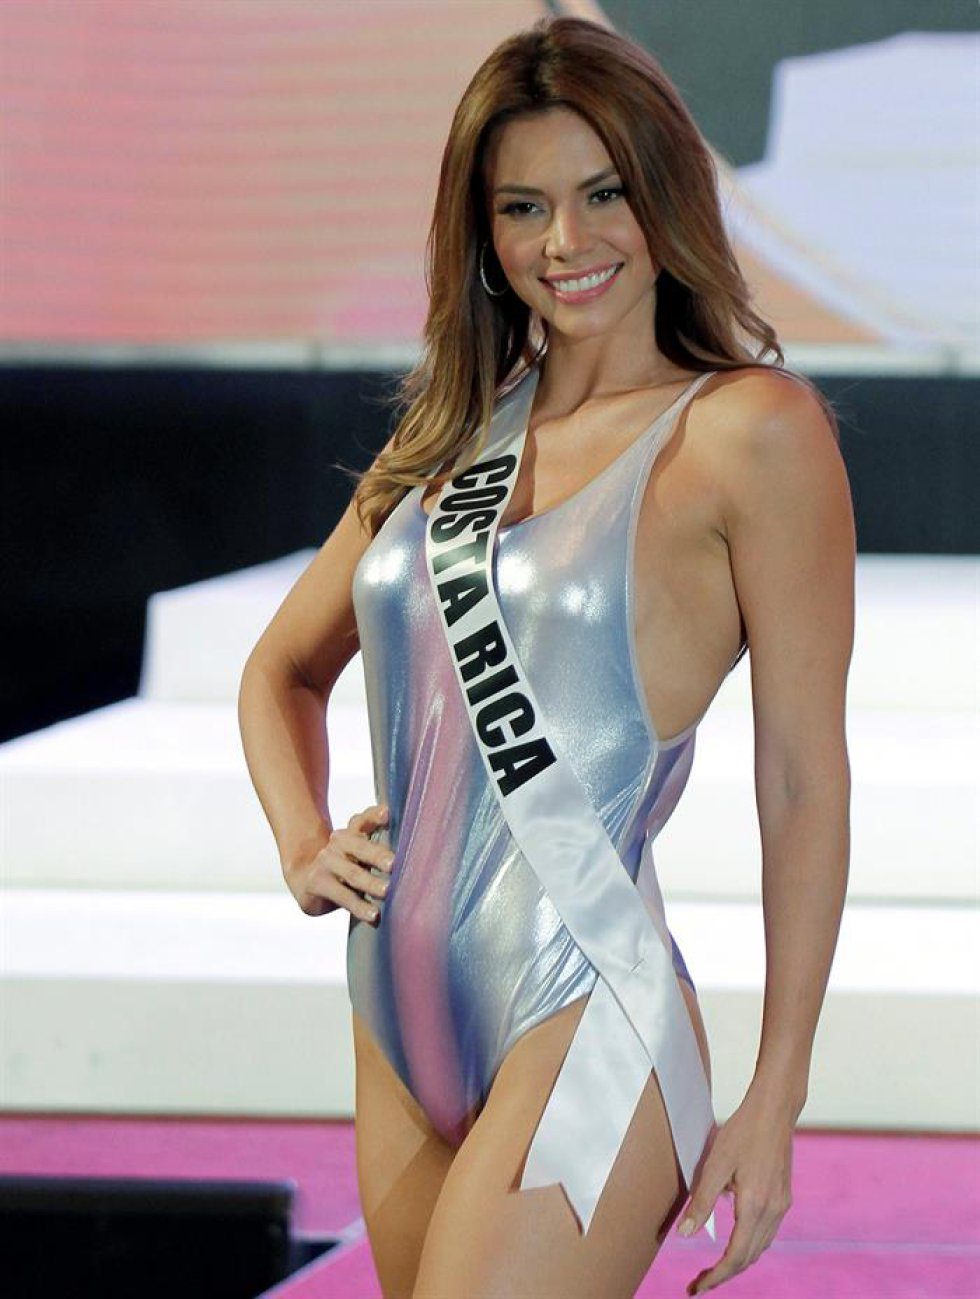 La aspirante costarricense Carolina Rodríguez participa en un desfile en traje de baño.